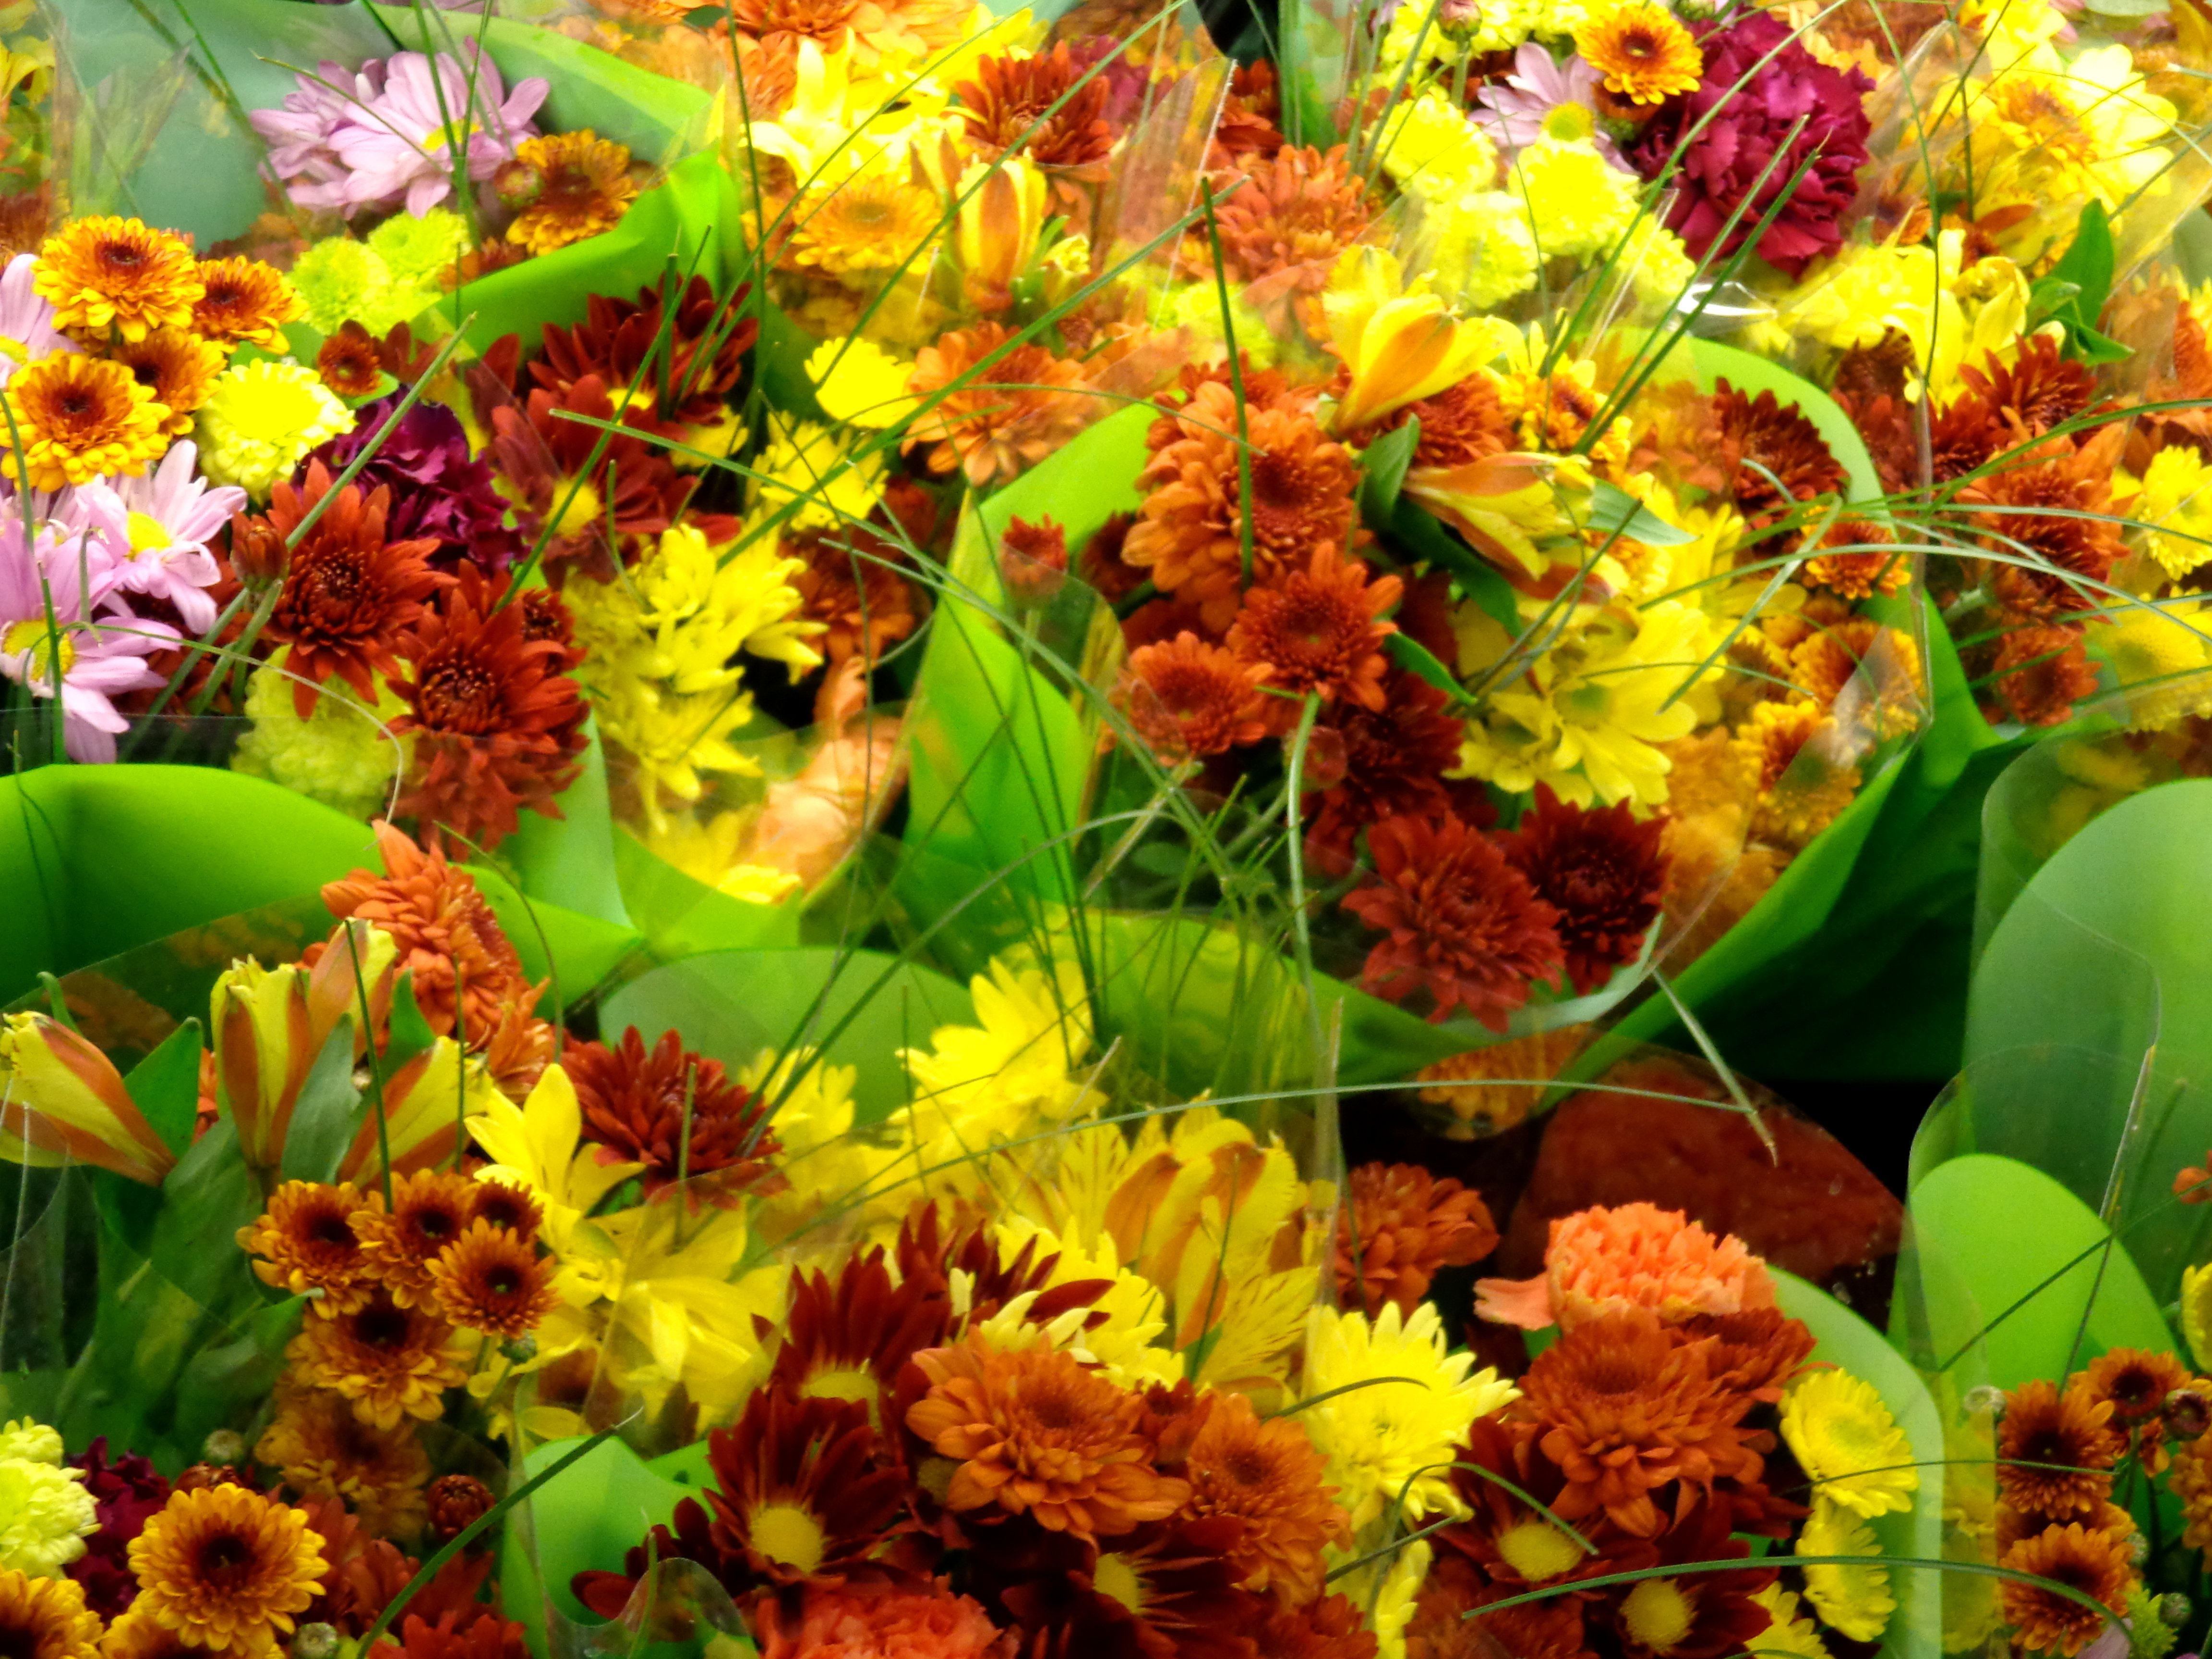 Fall Floral Bouquets Texture Picture Photograph Photos Public 4608x3456